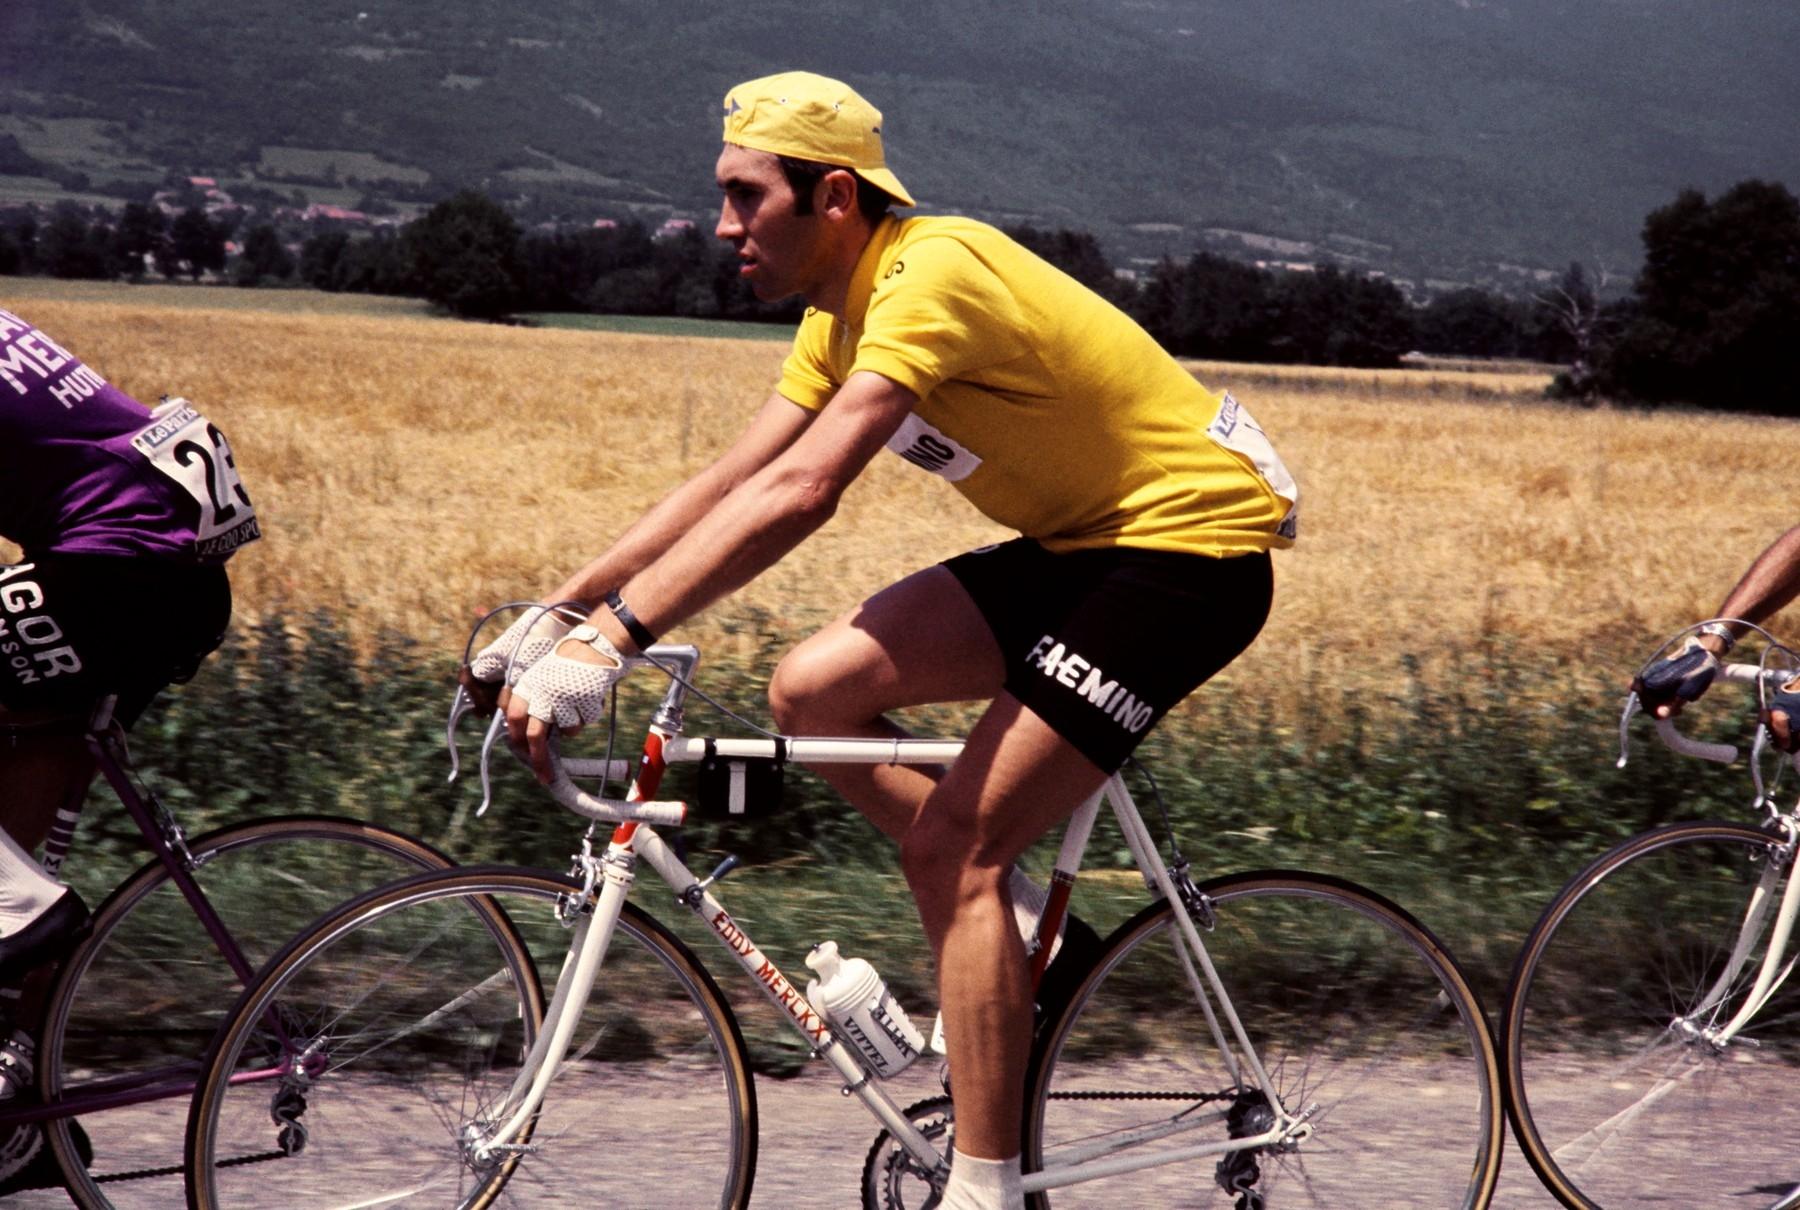 Eddy Merckx ve žlutém trikotu lídra nejslavnějšího cyklistického závodu Tour de France 1970 Foto: profimedia